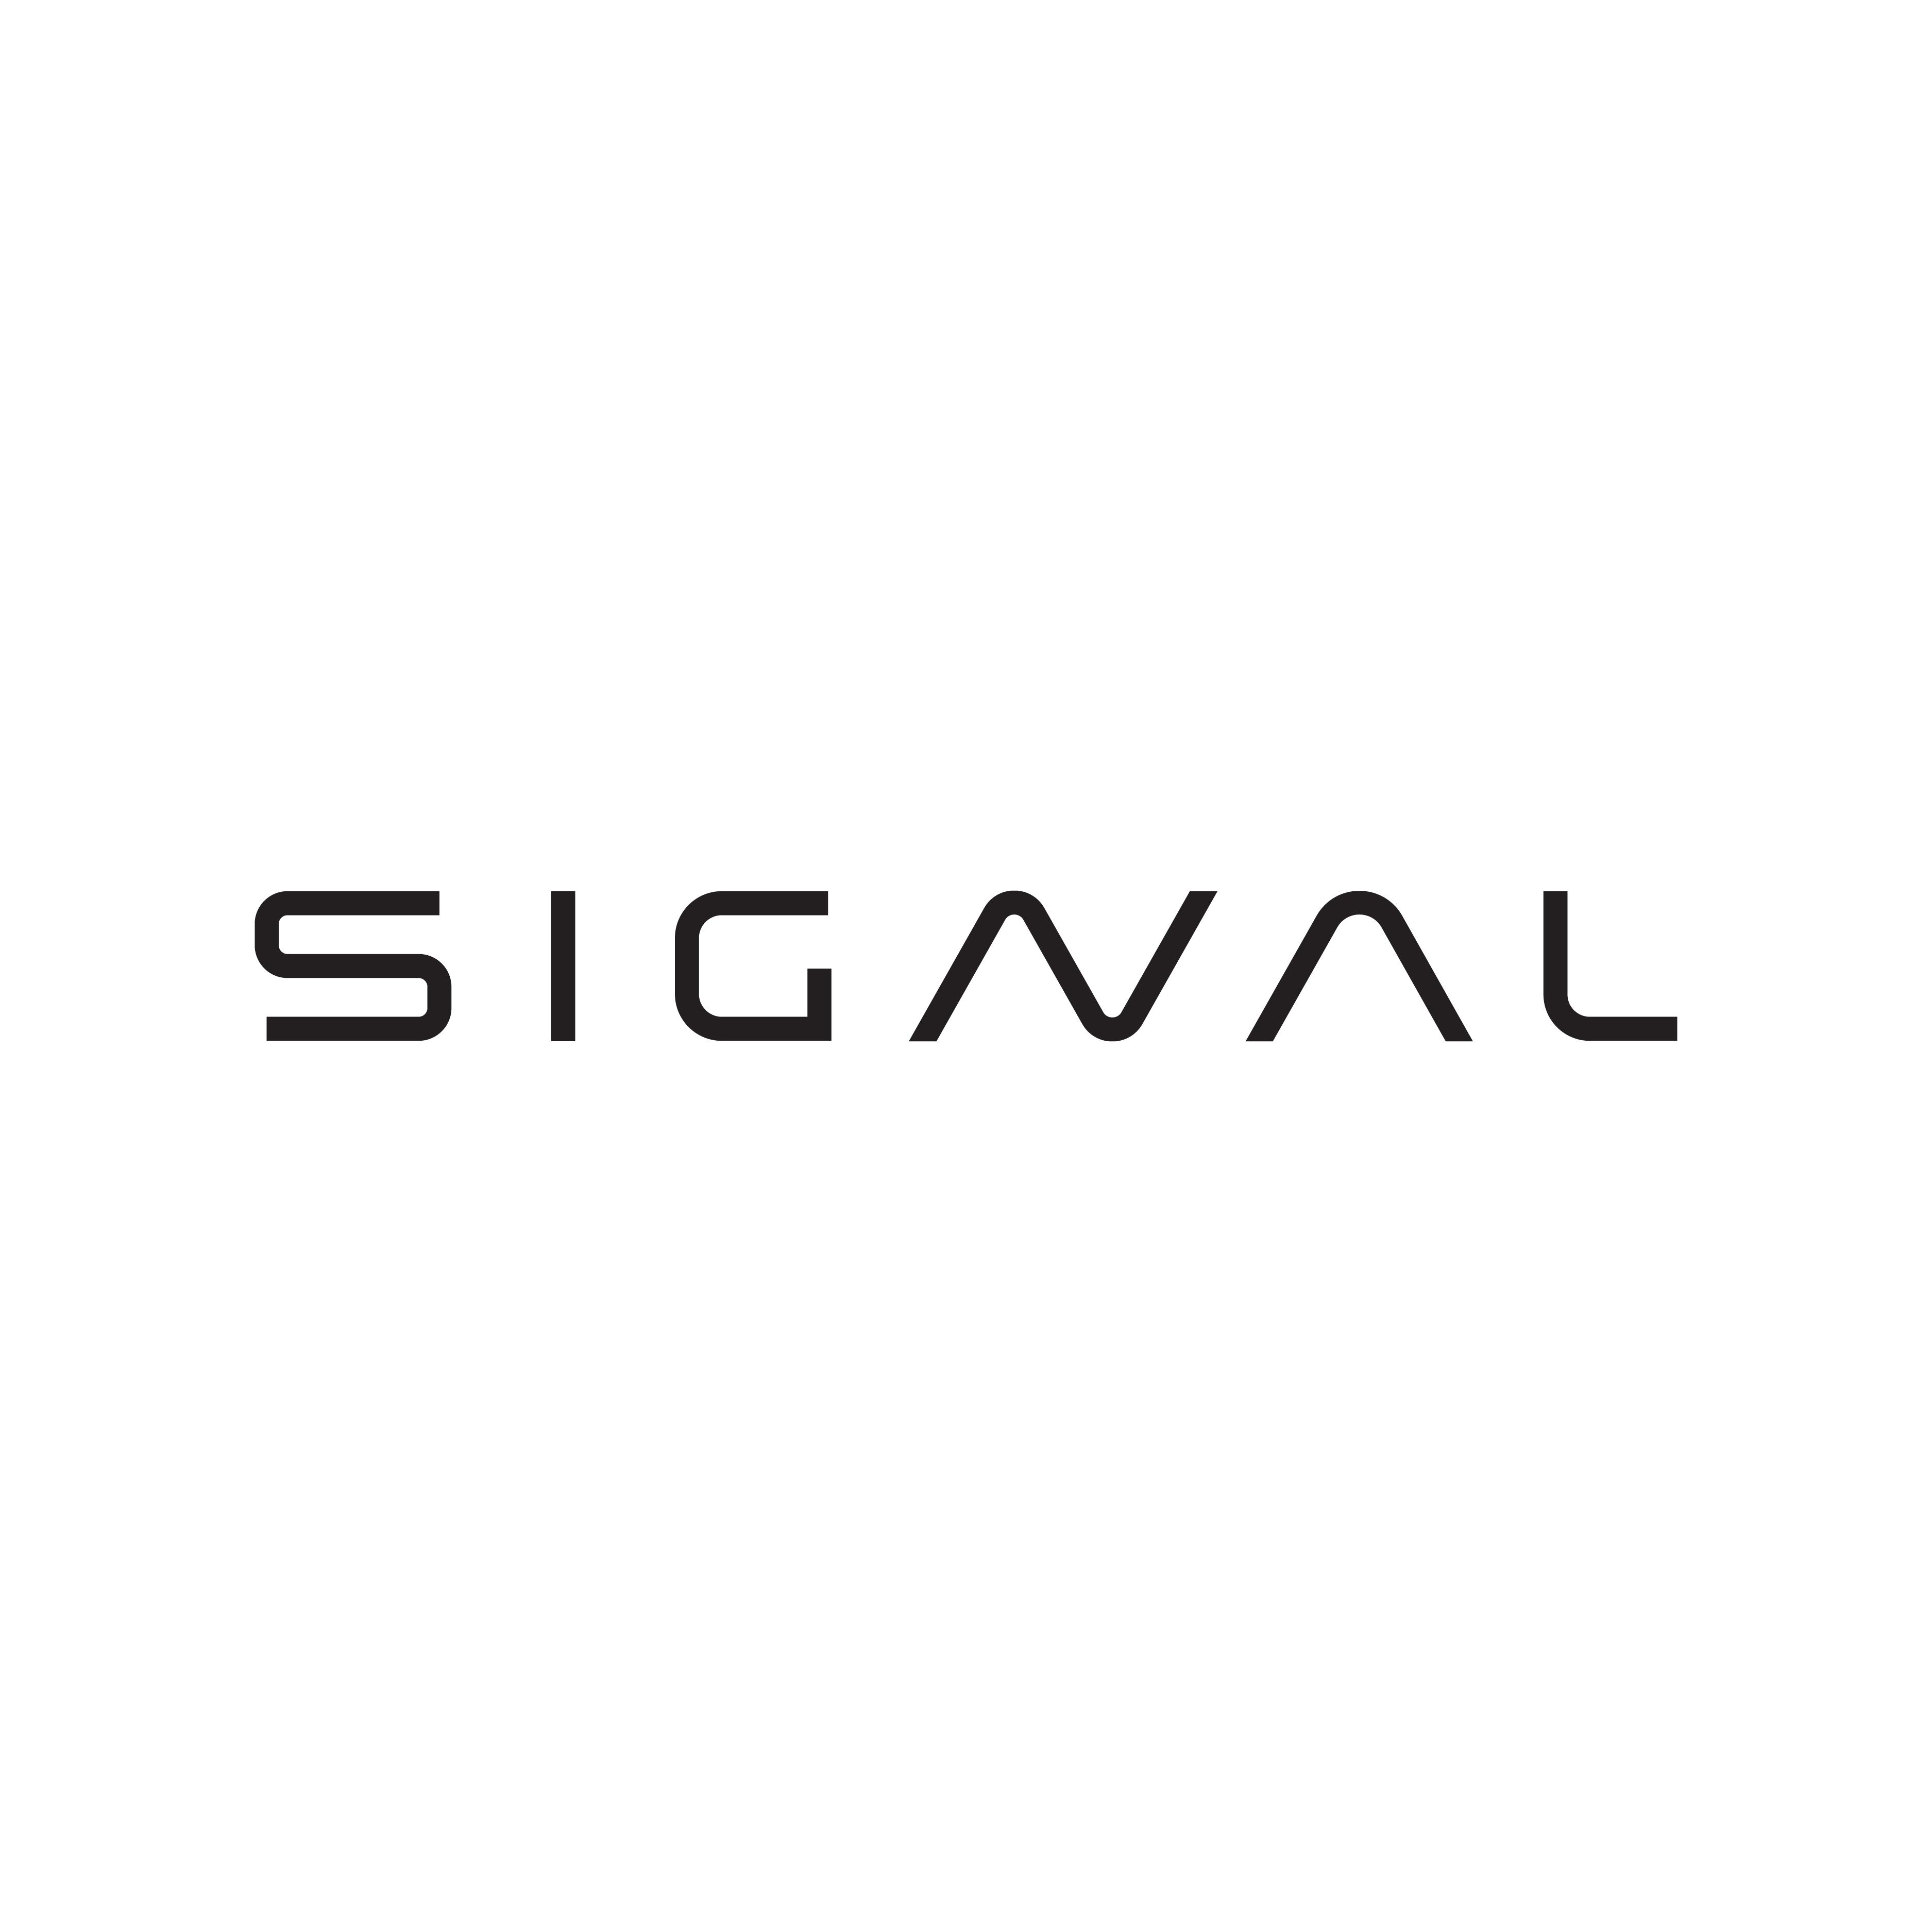 Signal logo design by logo designer brandclay